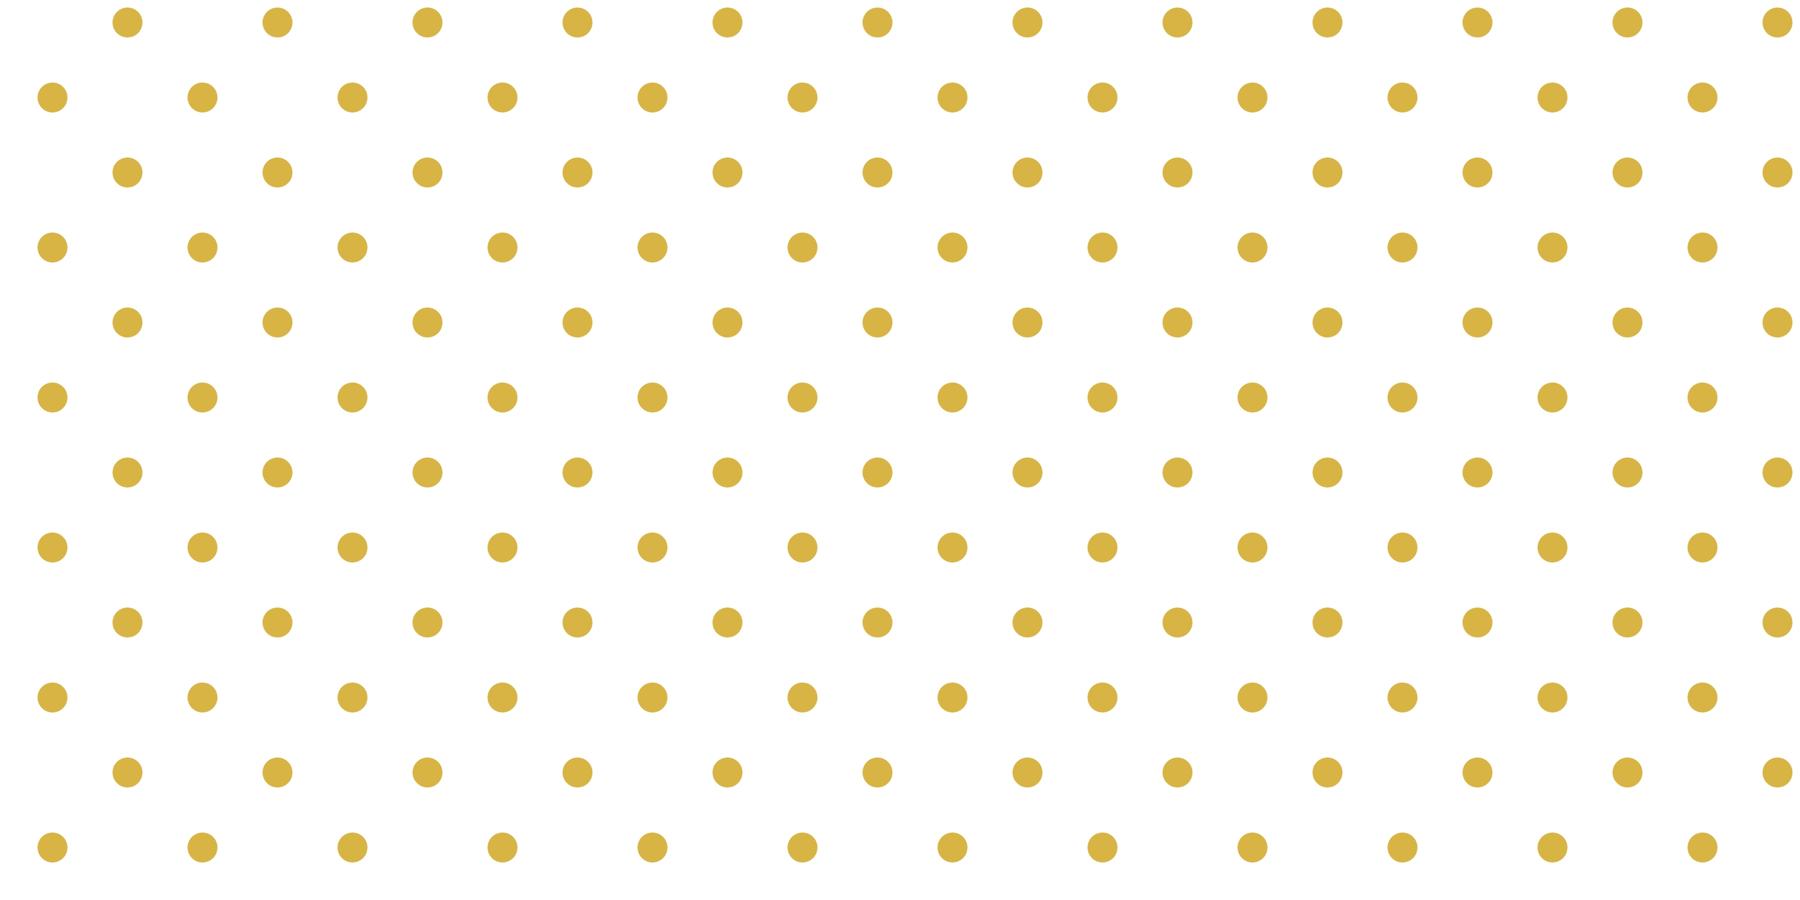 Gold polka dots wallpaper wallpapersafari for Polka dot wallpaper